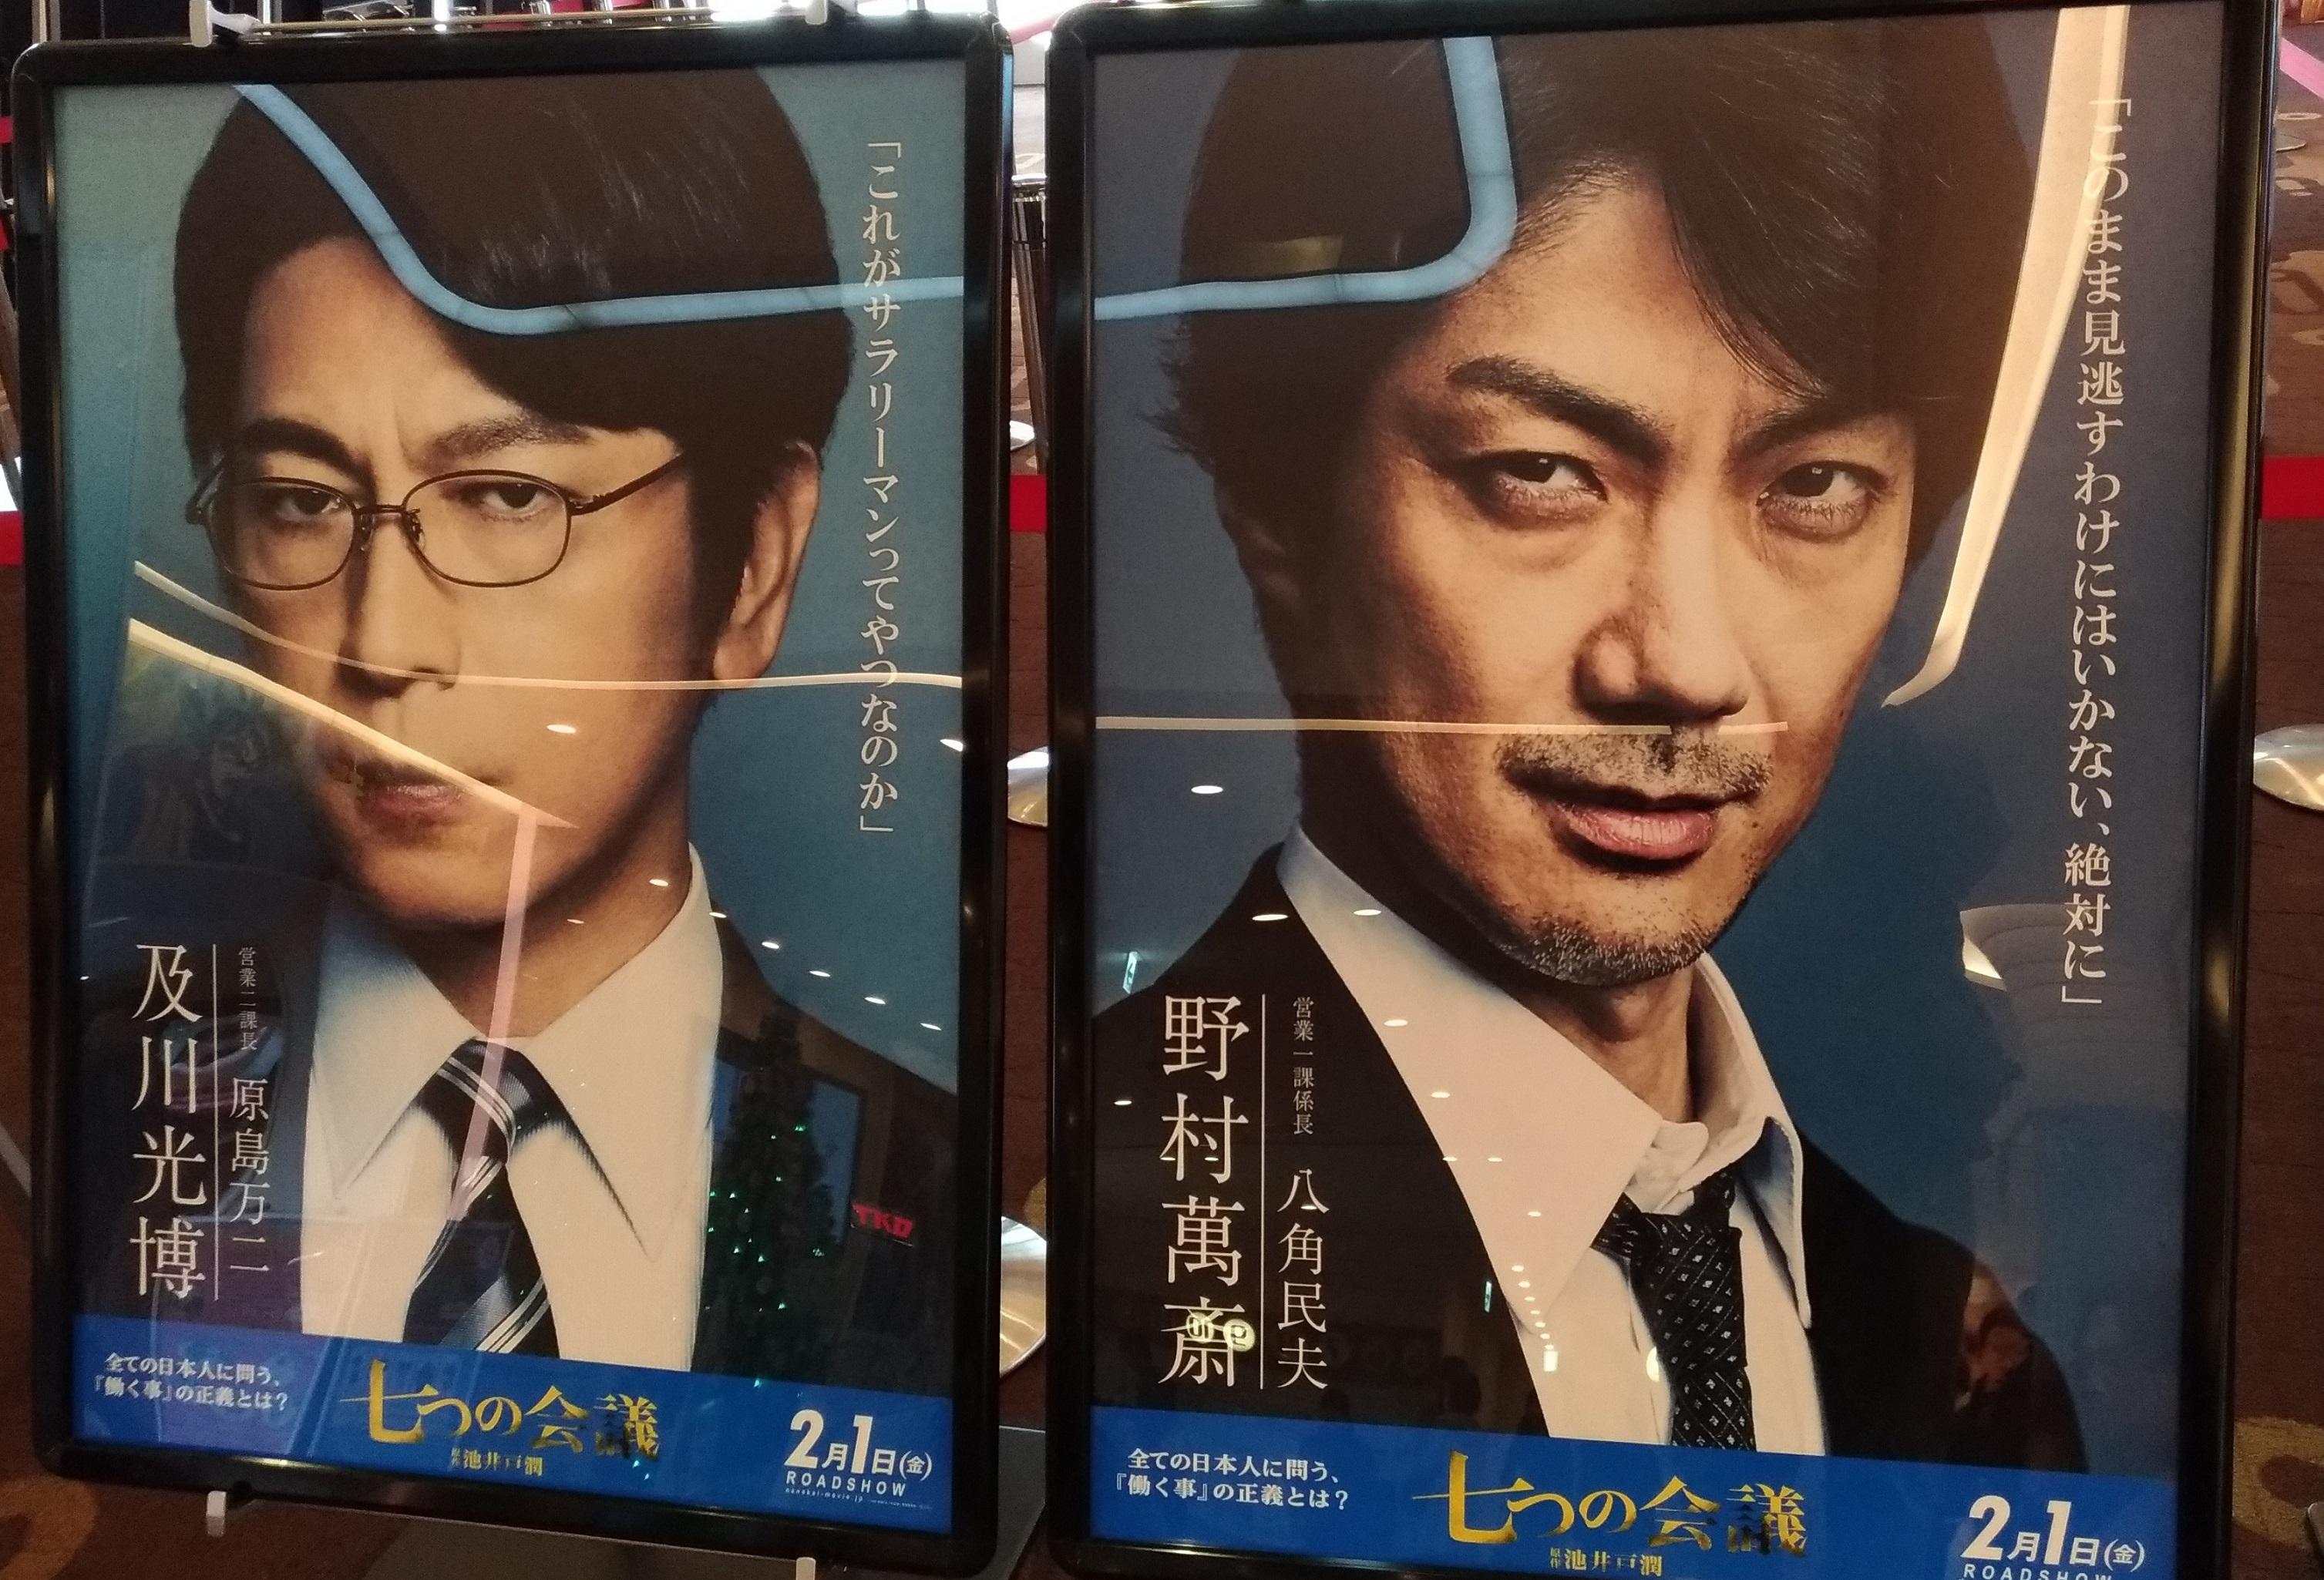 osaka_movies_nanatsunokaigi.jpg